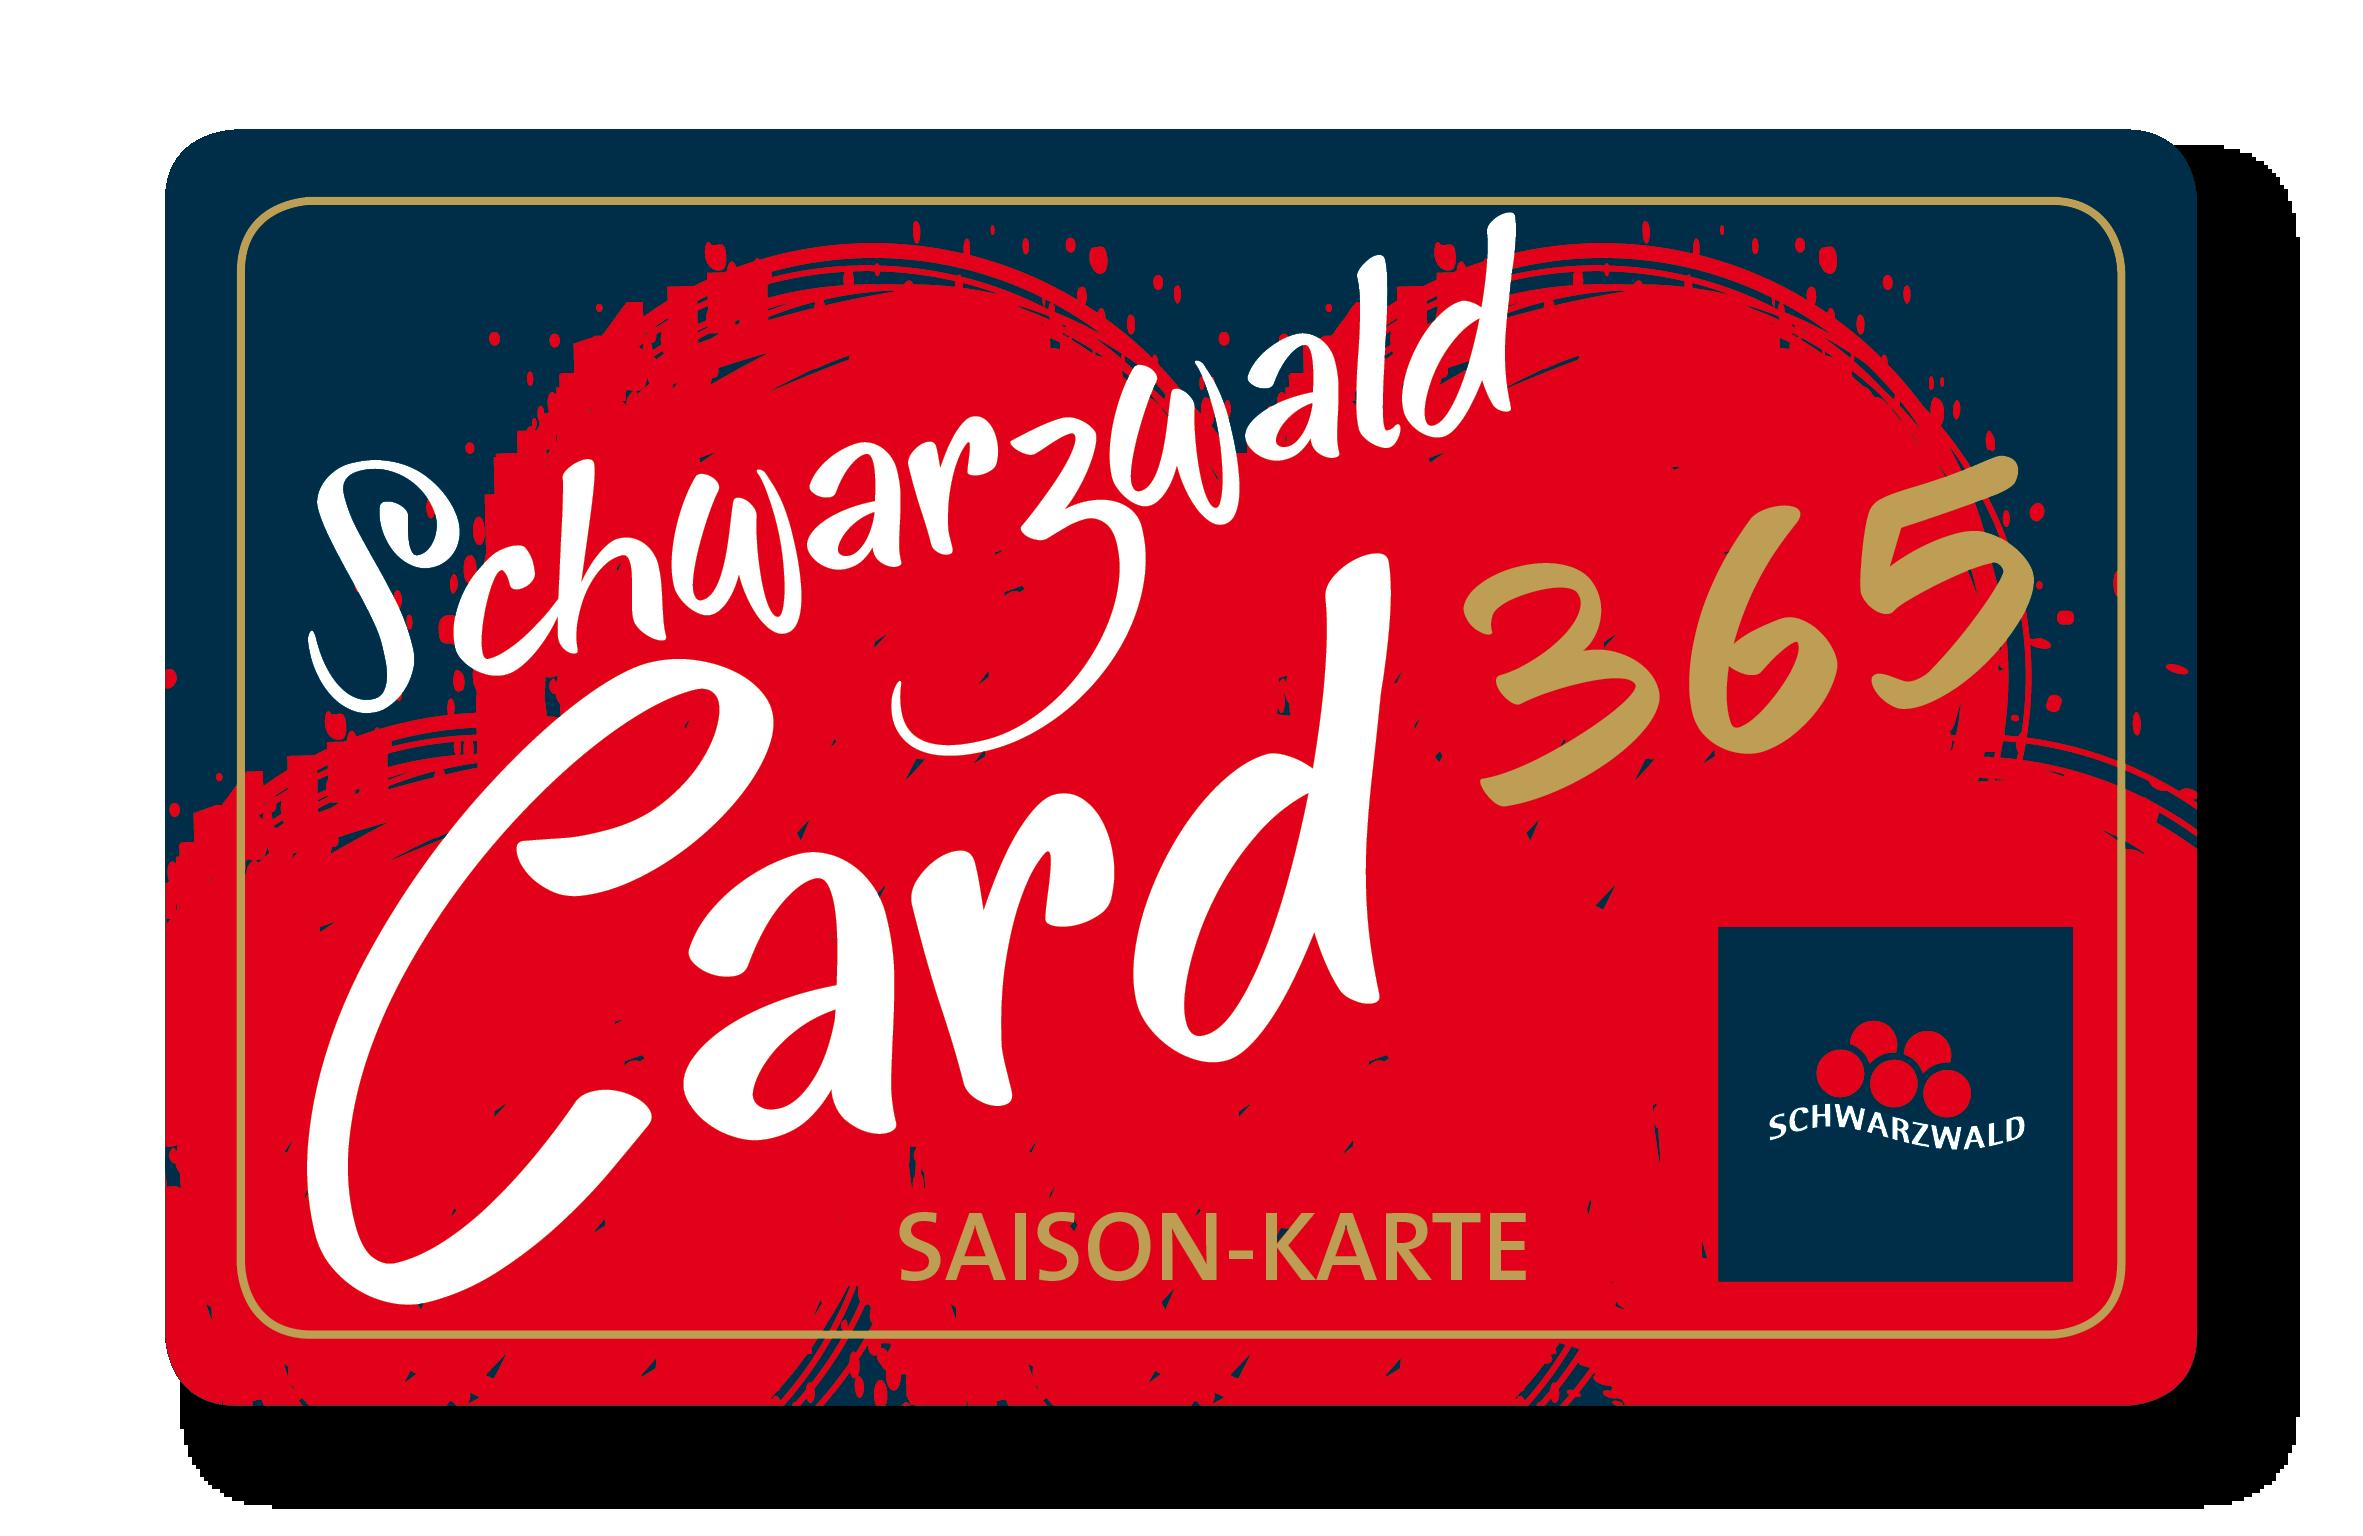 SchwarzwaldCard-365-Schlagschatten